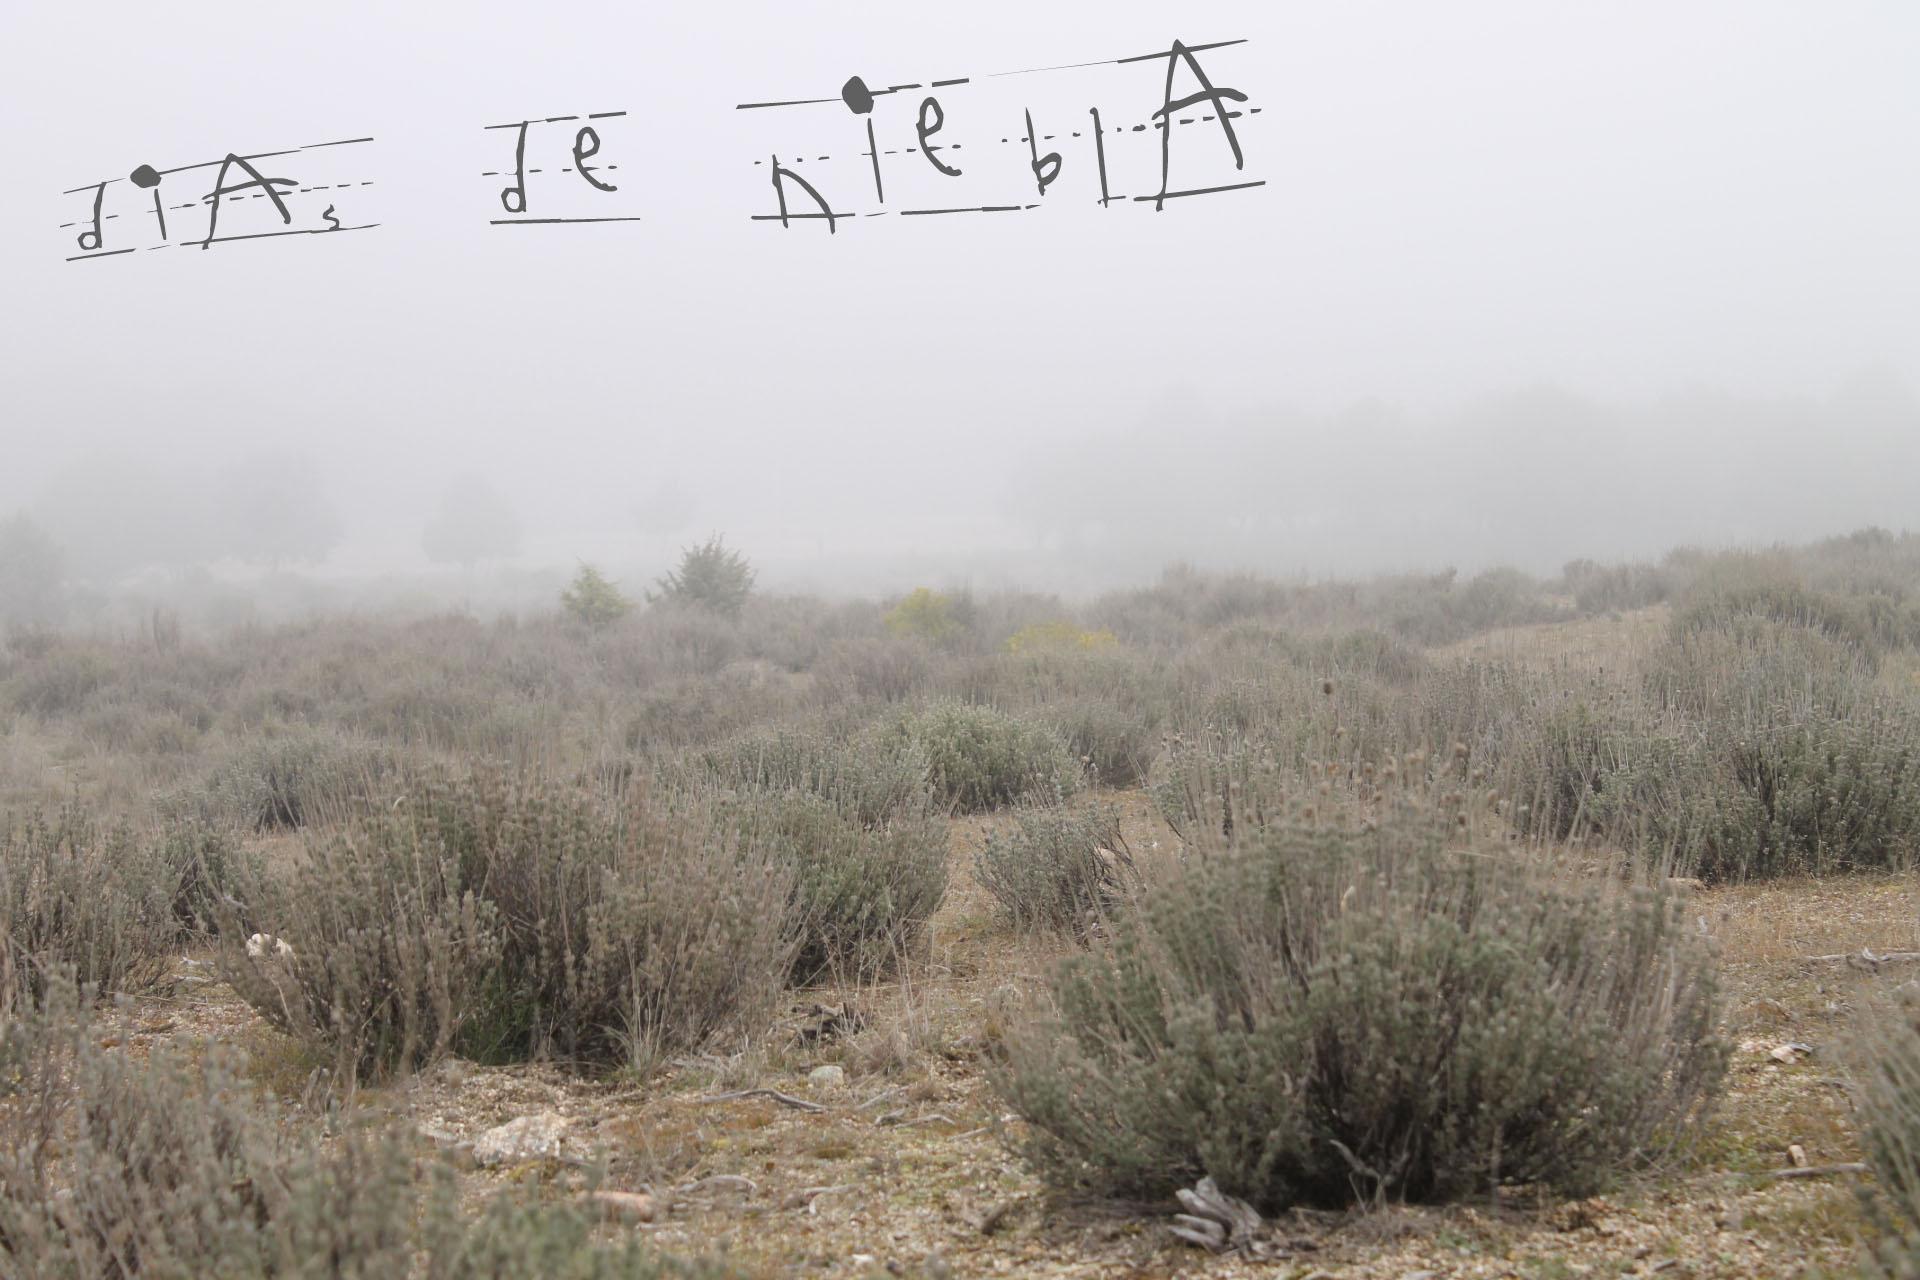 """Campo de lavanda de la sierra madrileña. Apenas se ve el horizonte por la niebla. Sobre ella pone """"Día de niebla"""" con letras irregulares"""